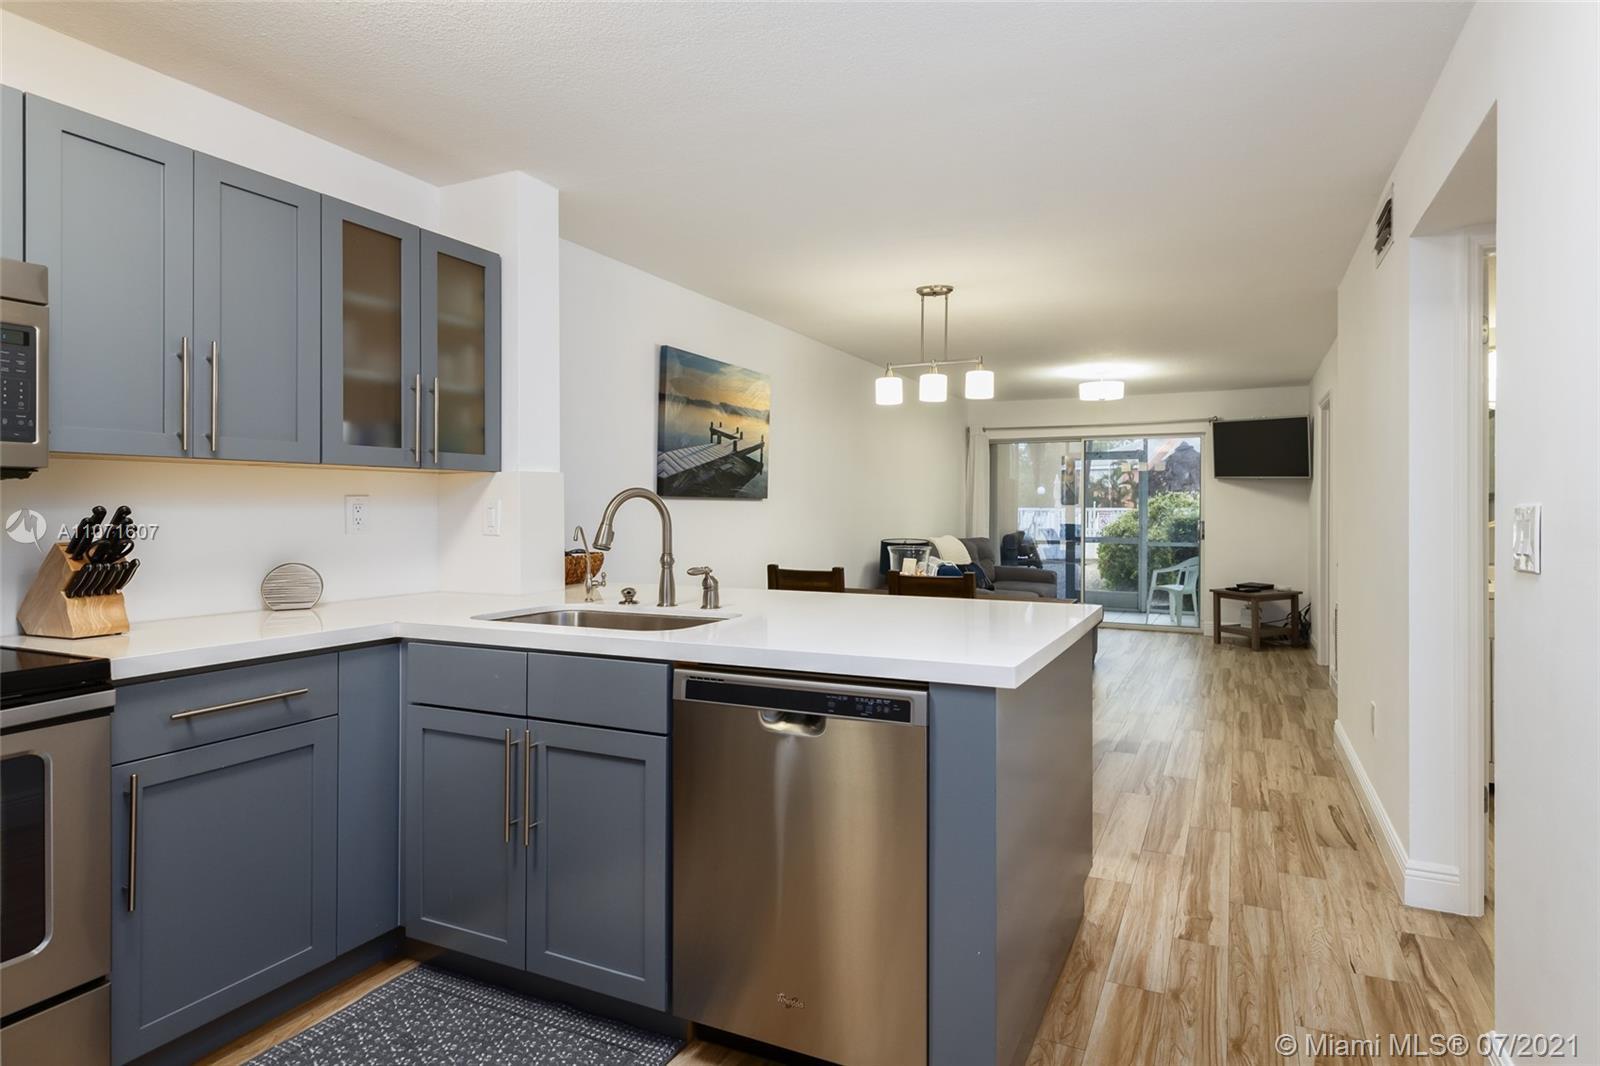 98341 Windward Ave 98341 Property Photo 1